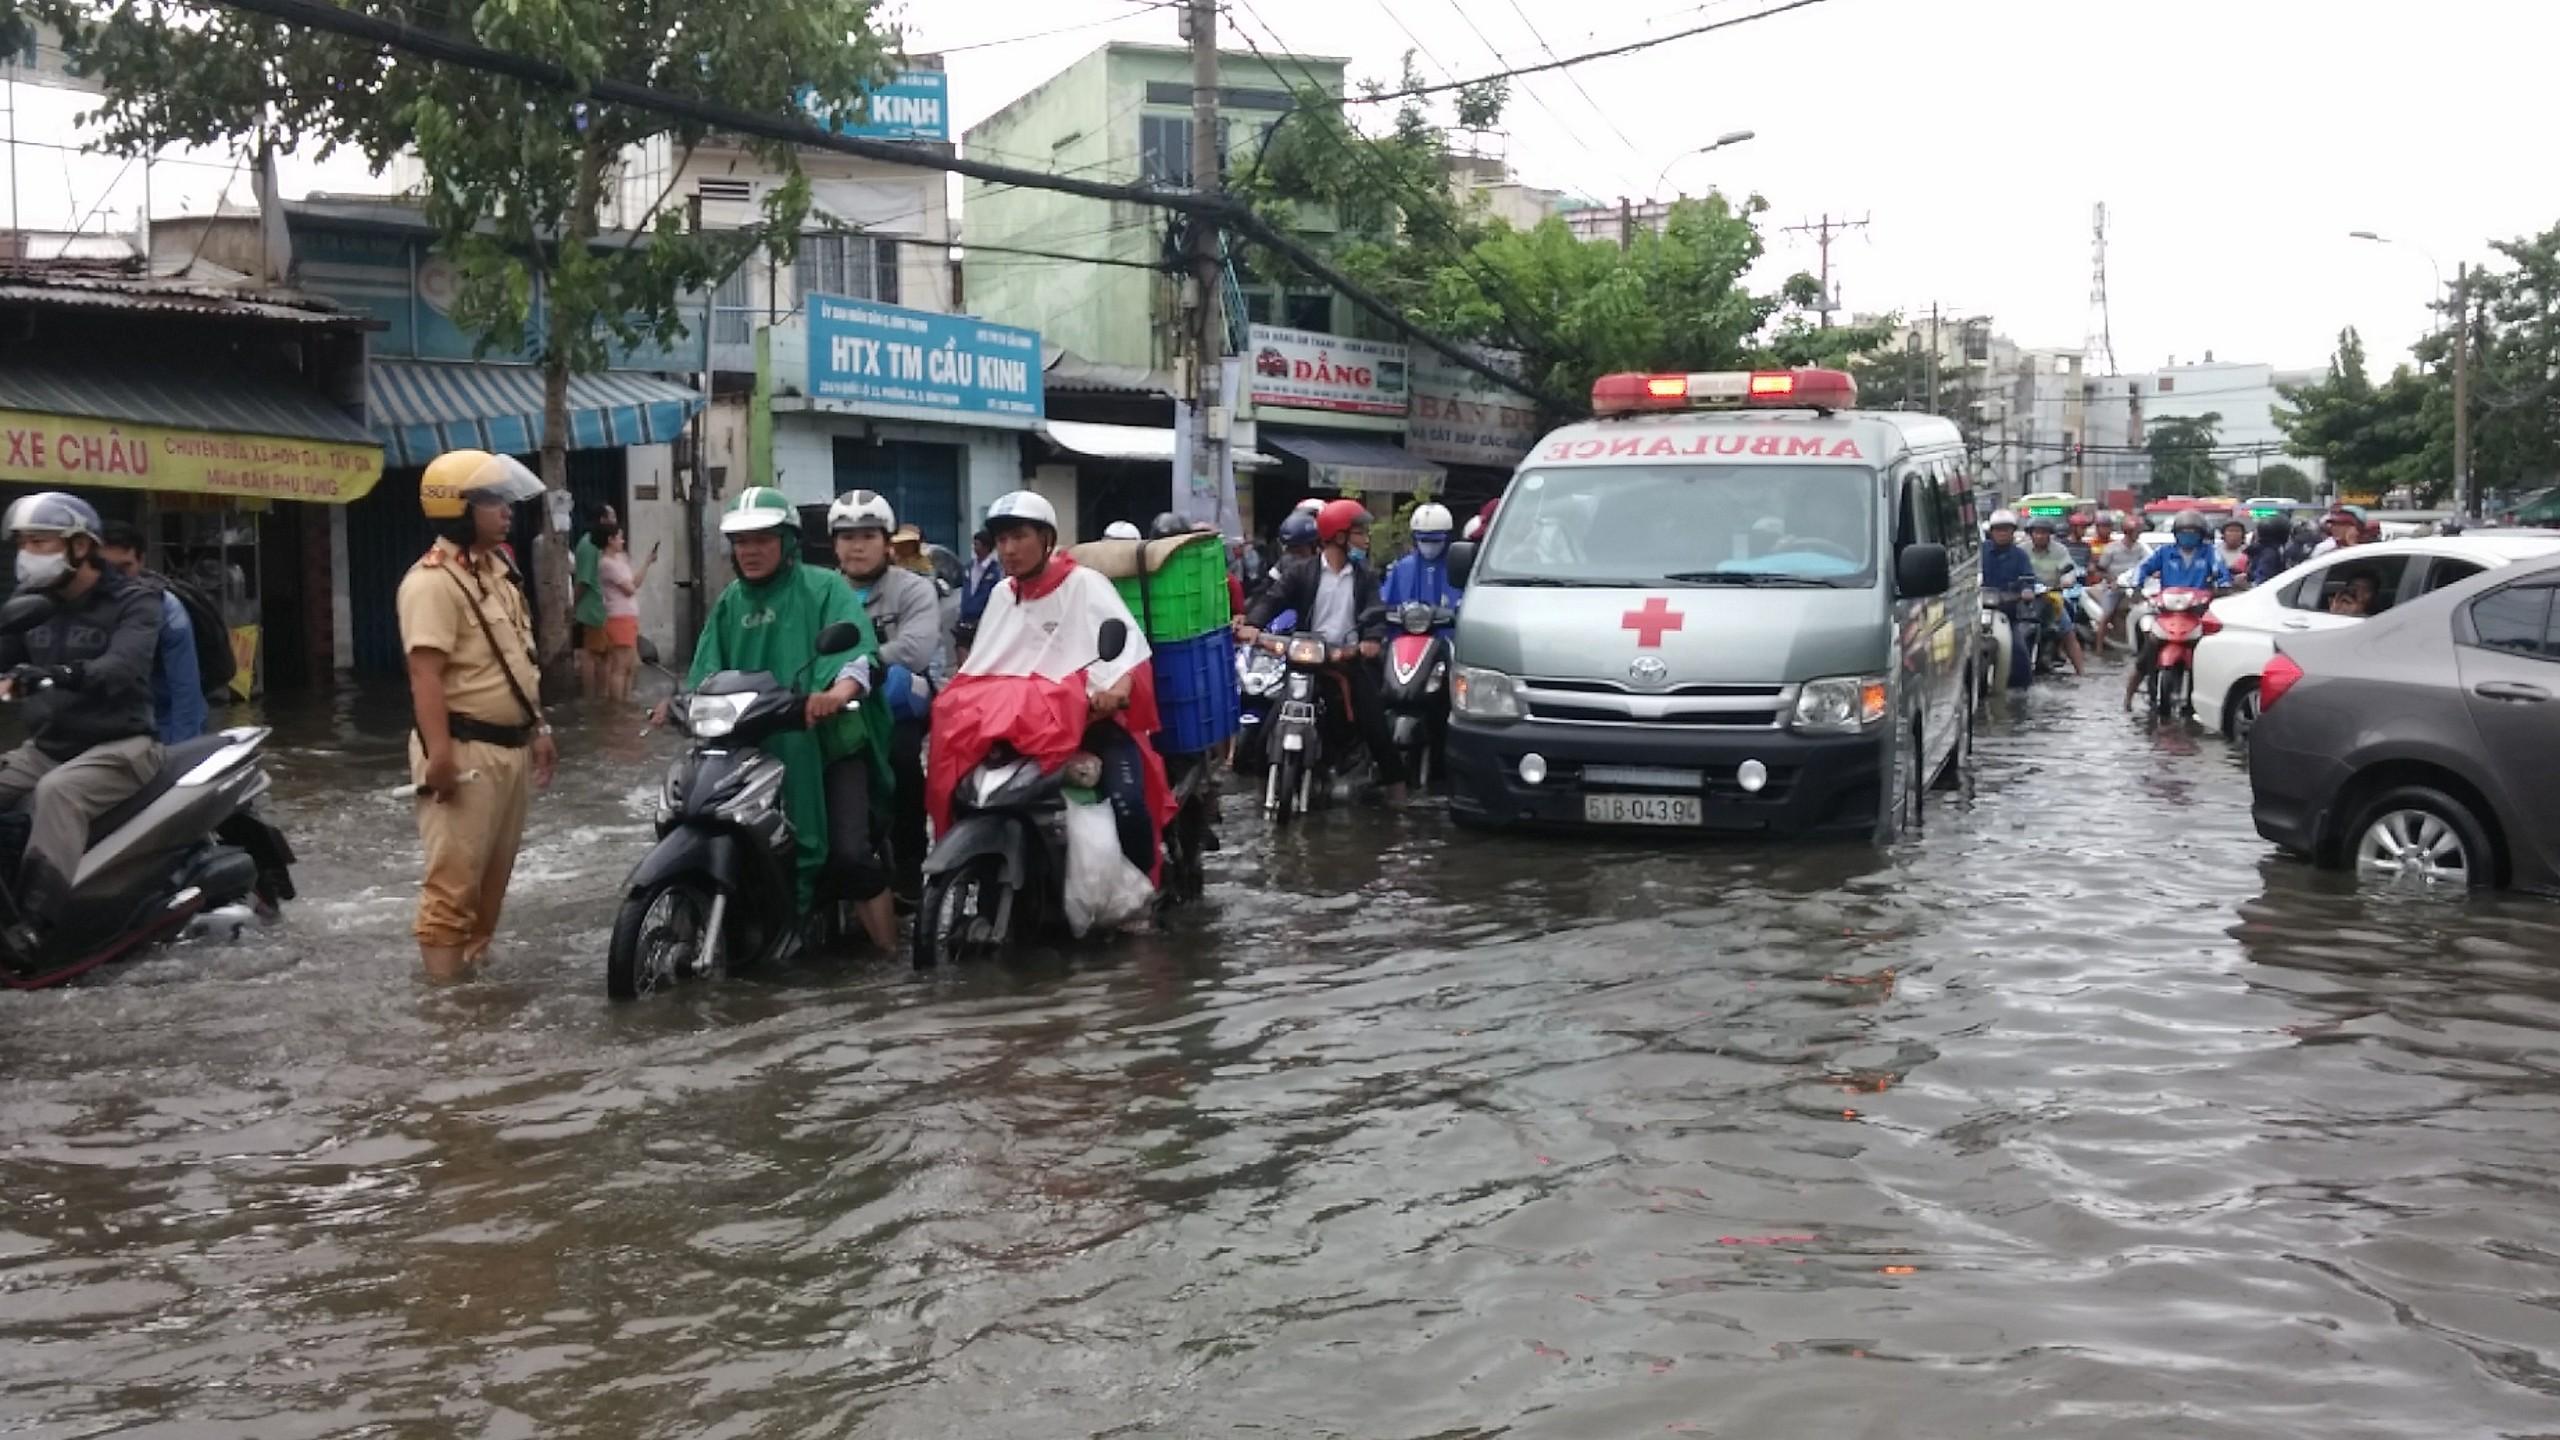 TPHCM ngập, giao thông ùn ứ sau cơn mưa kéo dài do ảnh hưởng bão số 9 ảnh 2